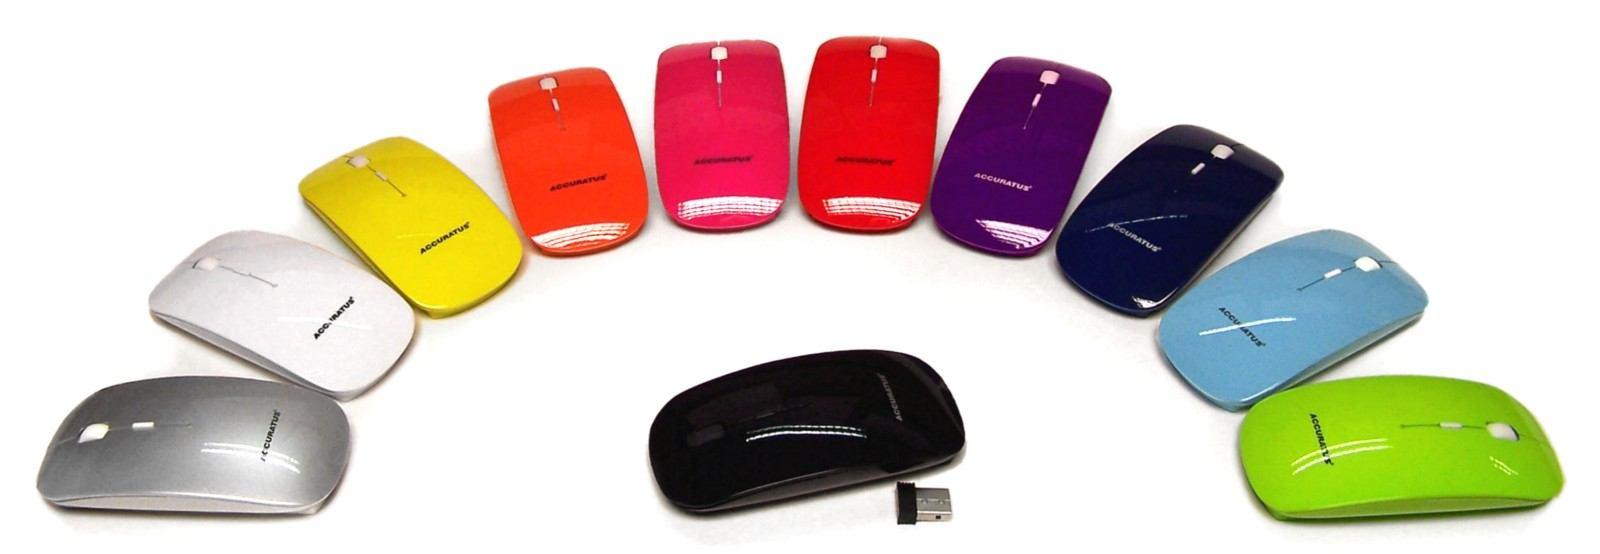 2081567-Accuratus-Image-RF-mouse-RF-Wireless-Ottico-1600-DPI-Ambidestro-Image-M